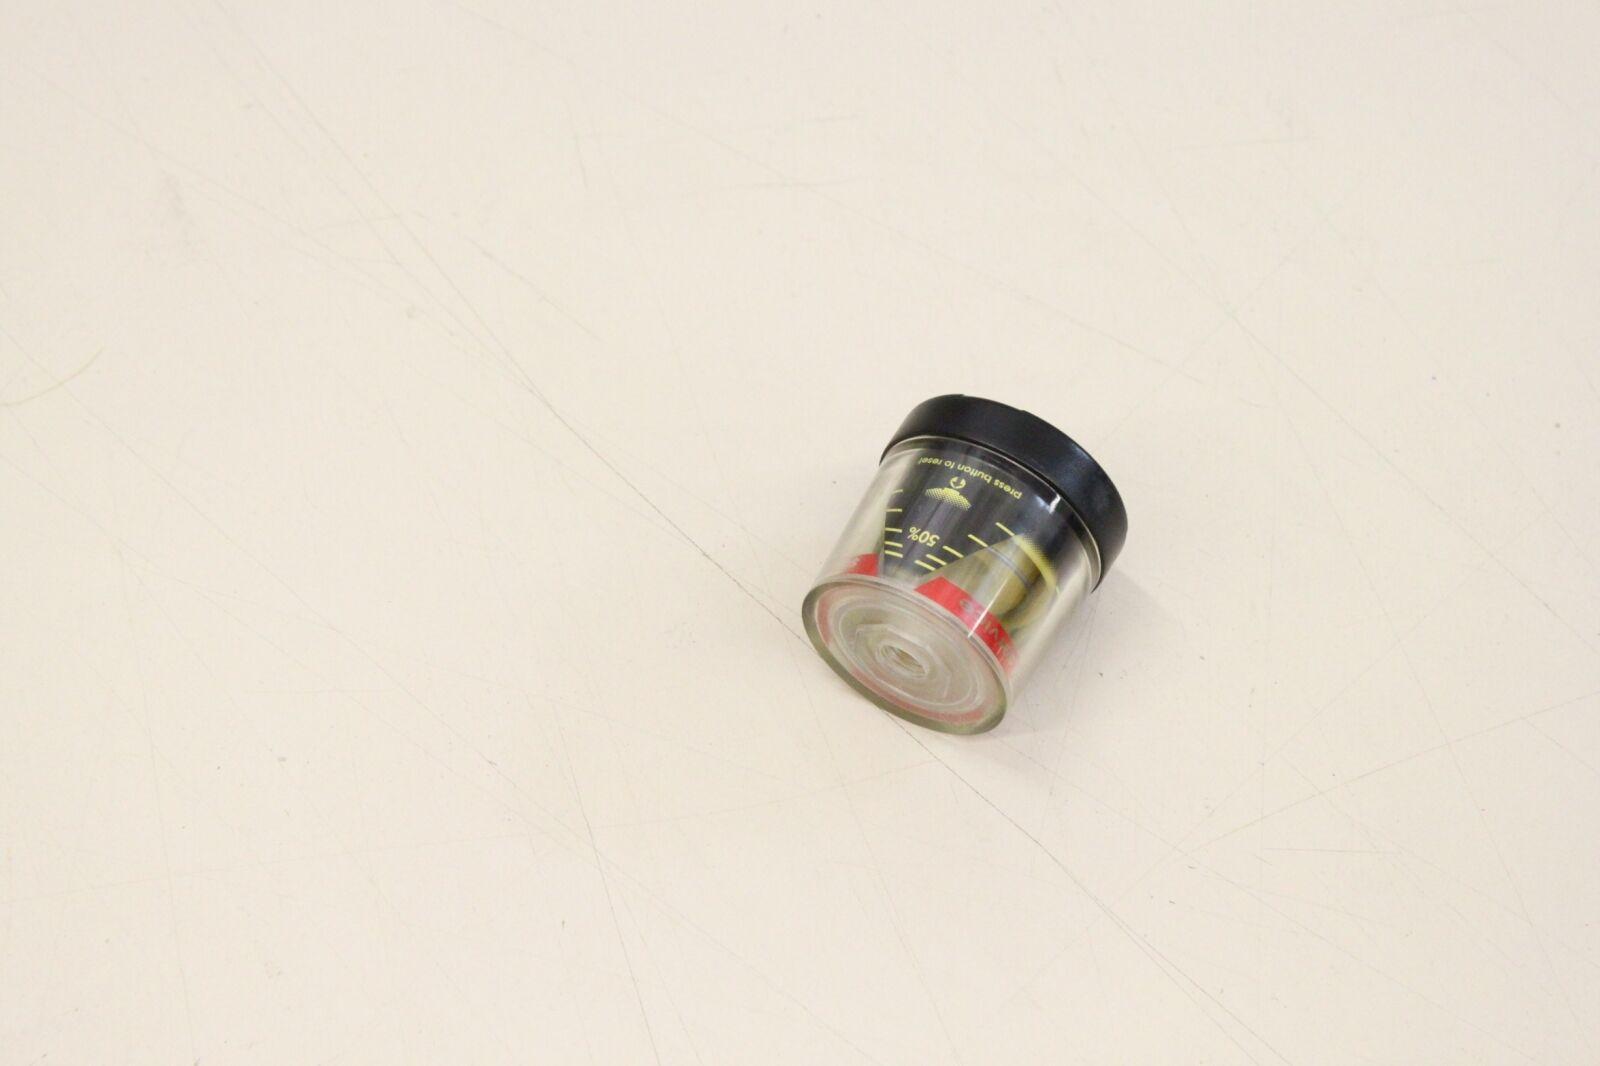 Antrieb, Motor & Getriebe Baumaschinenteile & Zubehör Mann Filter M10x1 Wartungsanzeiger Luftfilter 3908070911